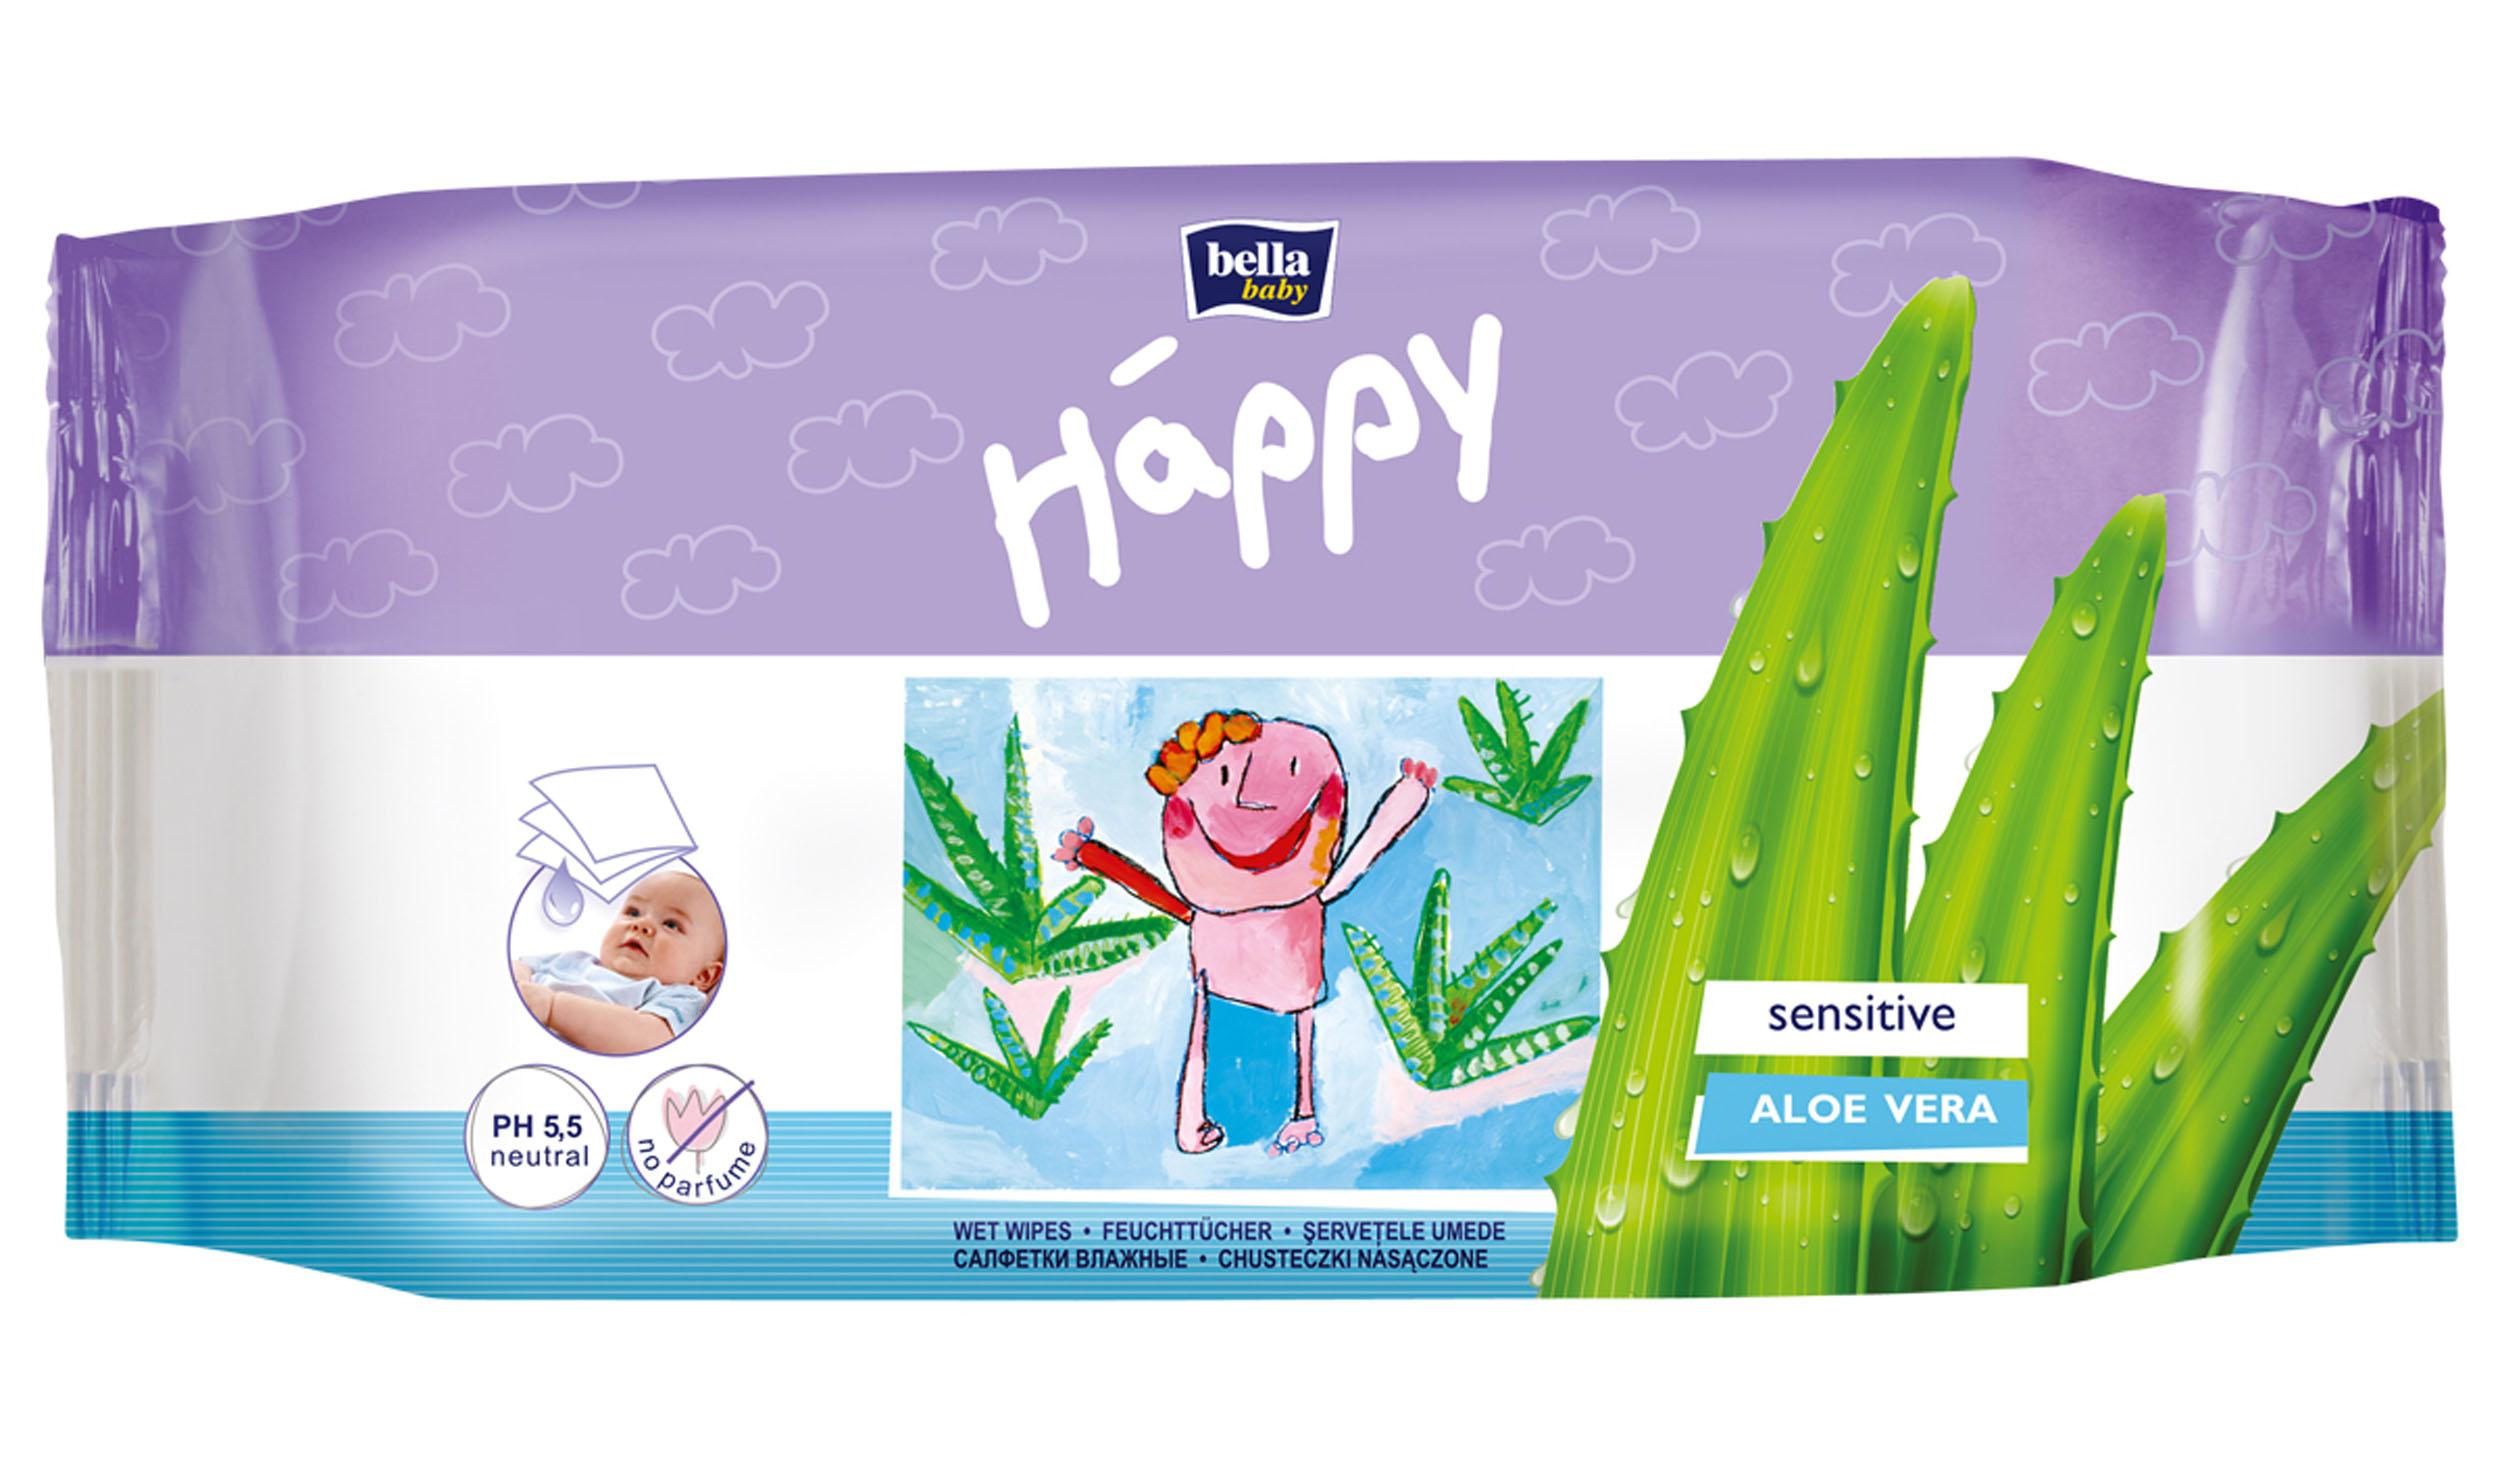 Bella Влажные салфетки Baby Happy Алое Вера, 56 шт салфетки violeta салфетки влажные с экстрактом миндального молочка 56 шт